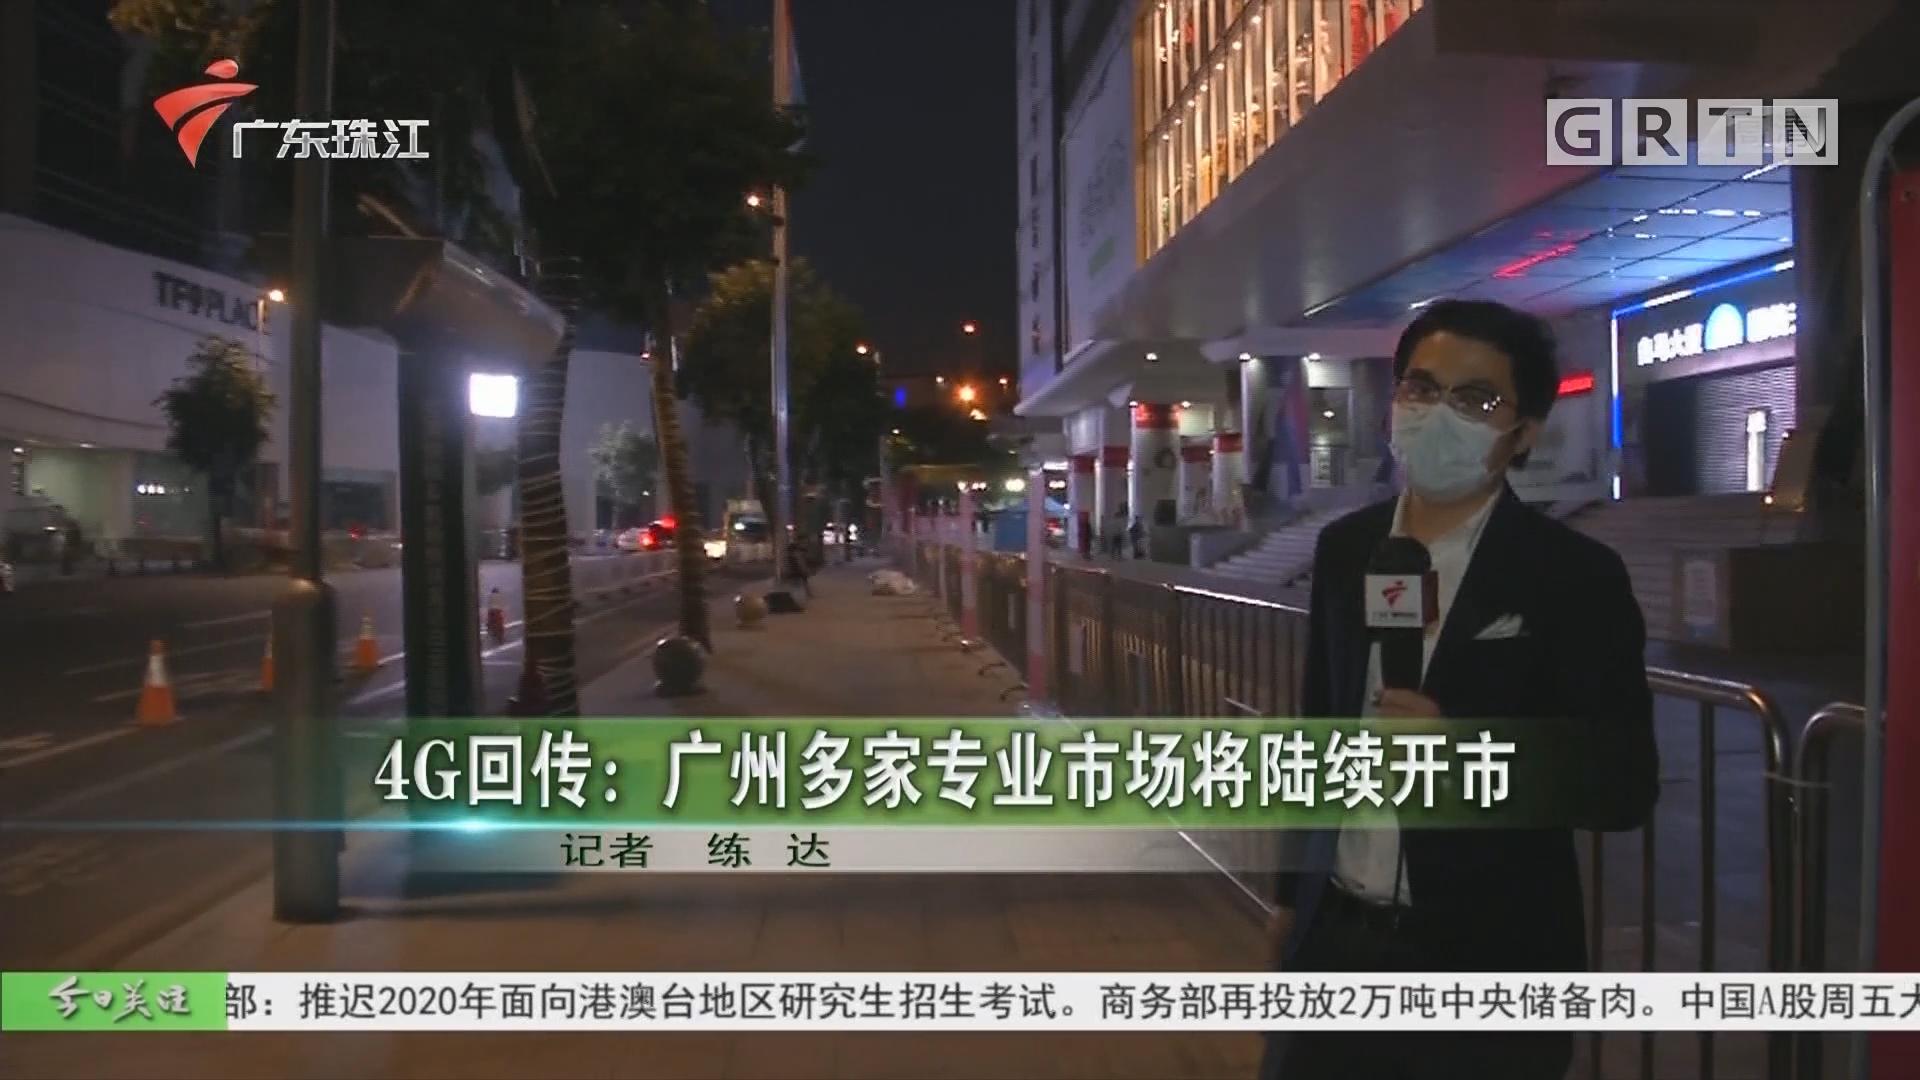 4G回传:广州多家专业市场将陆续开市